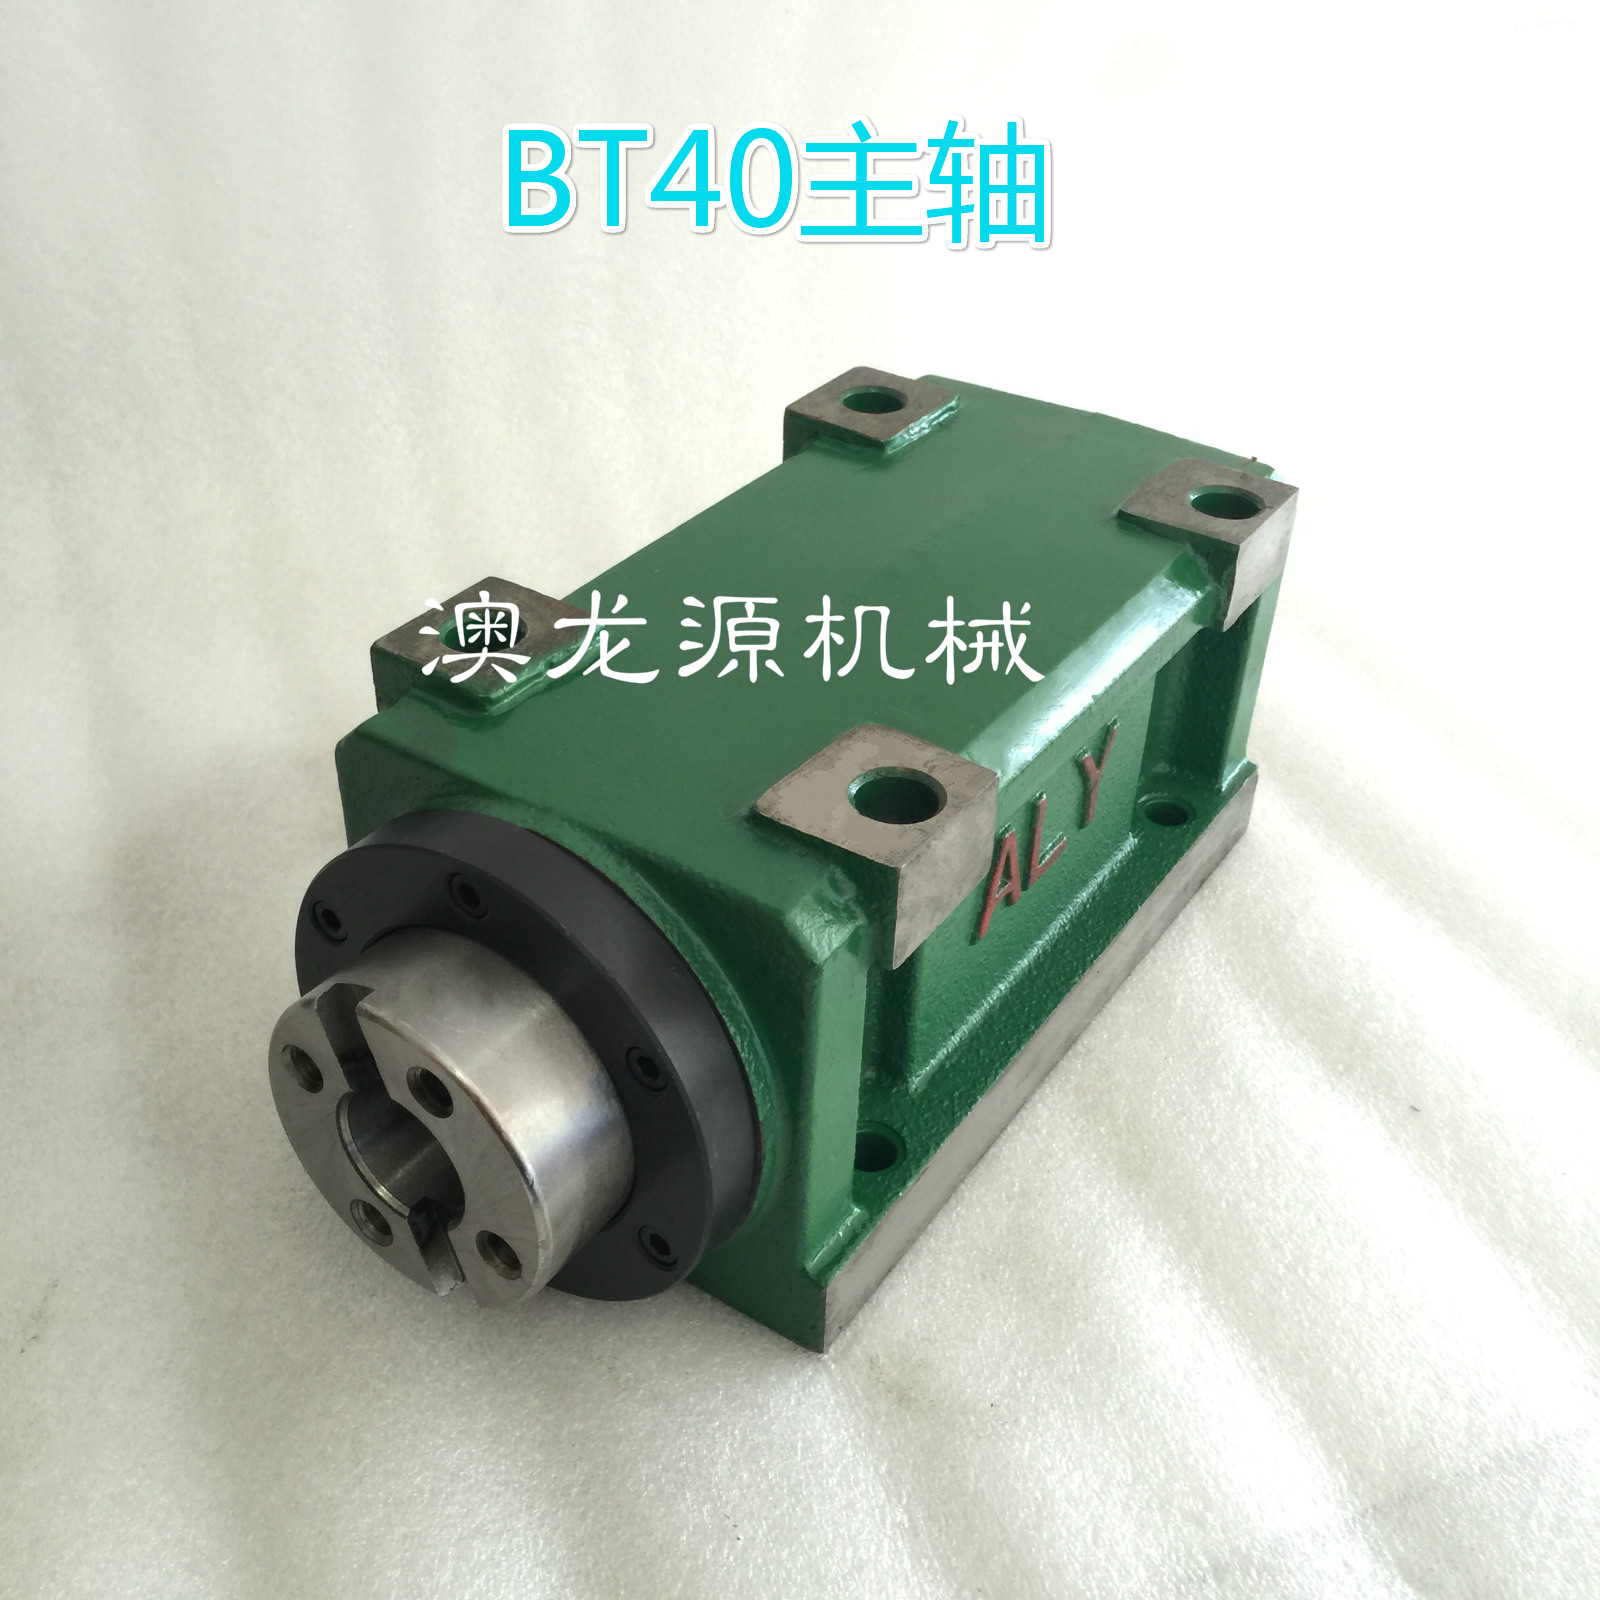 BT40 сверлильный/фрезерный/режущий/козловой резьбонарезной станок аксессуары сверлильный и фрезерный станок